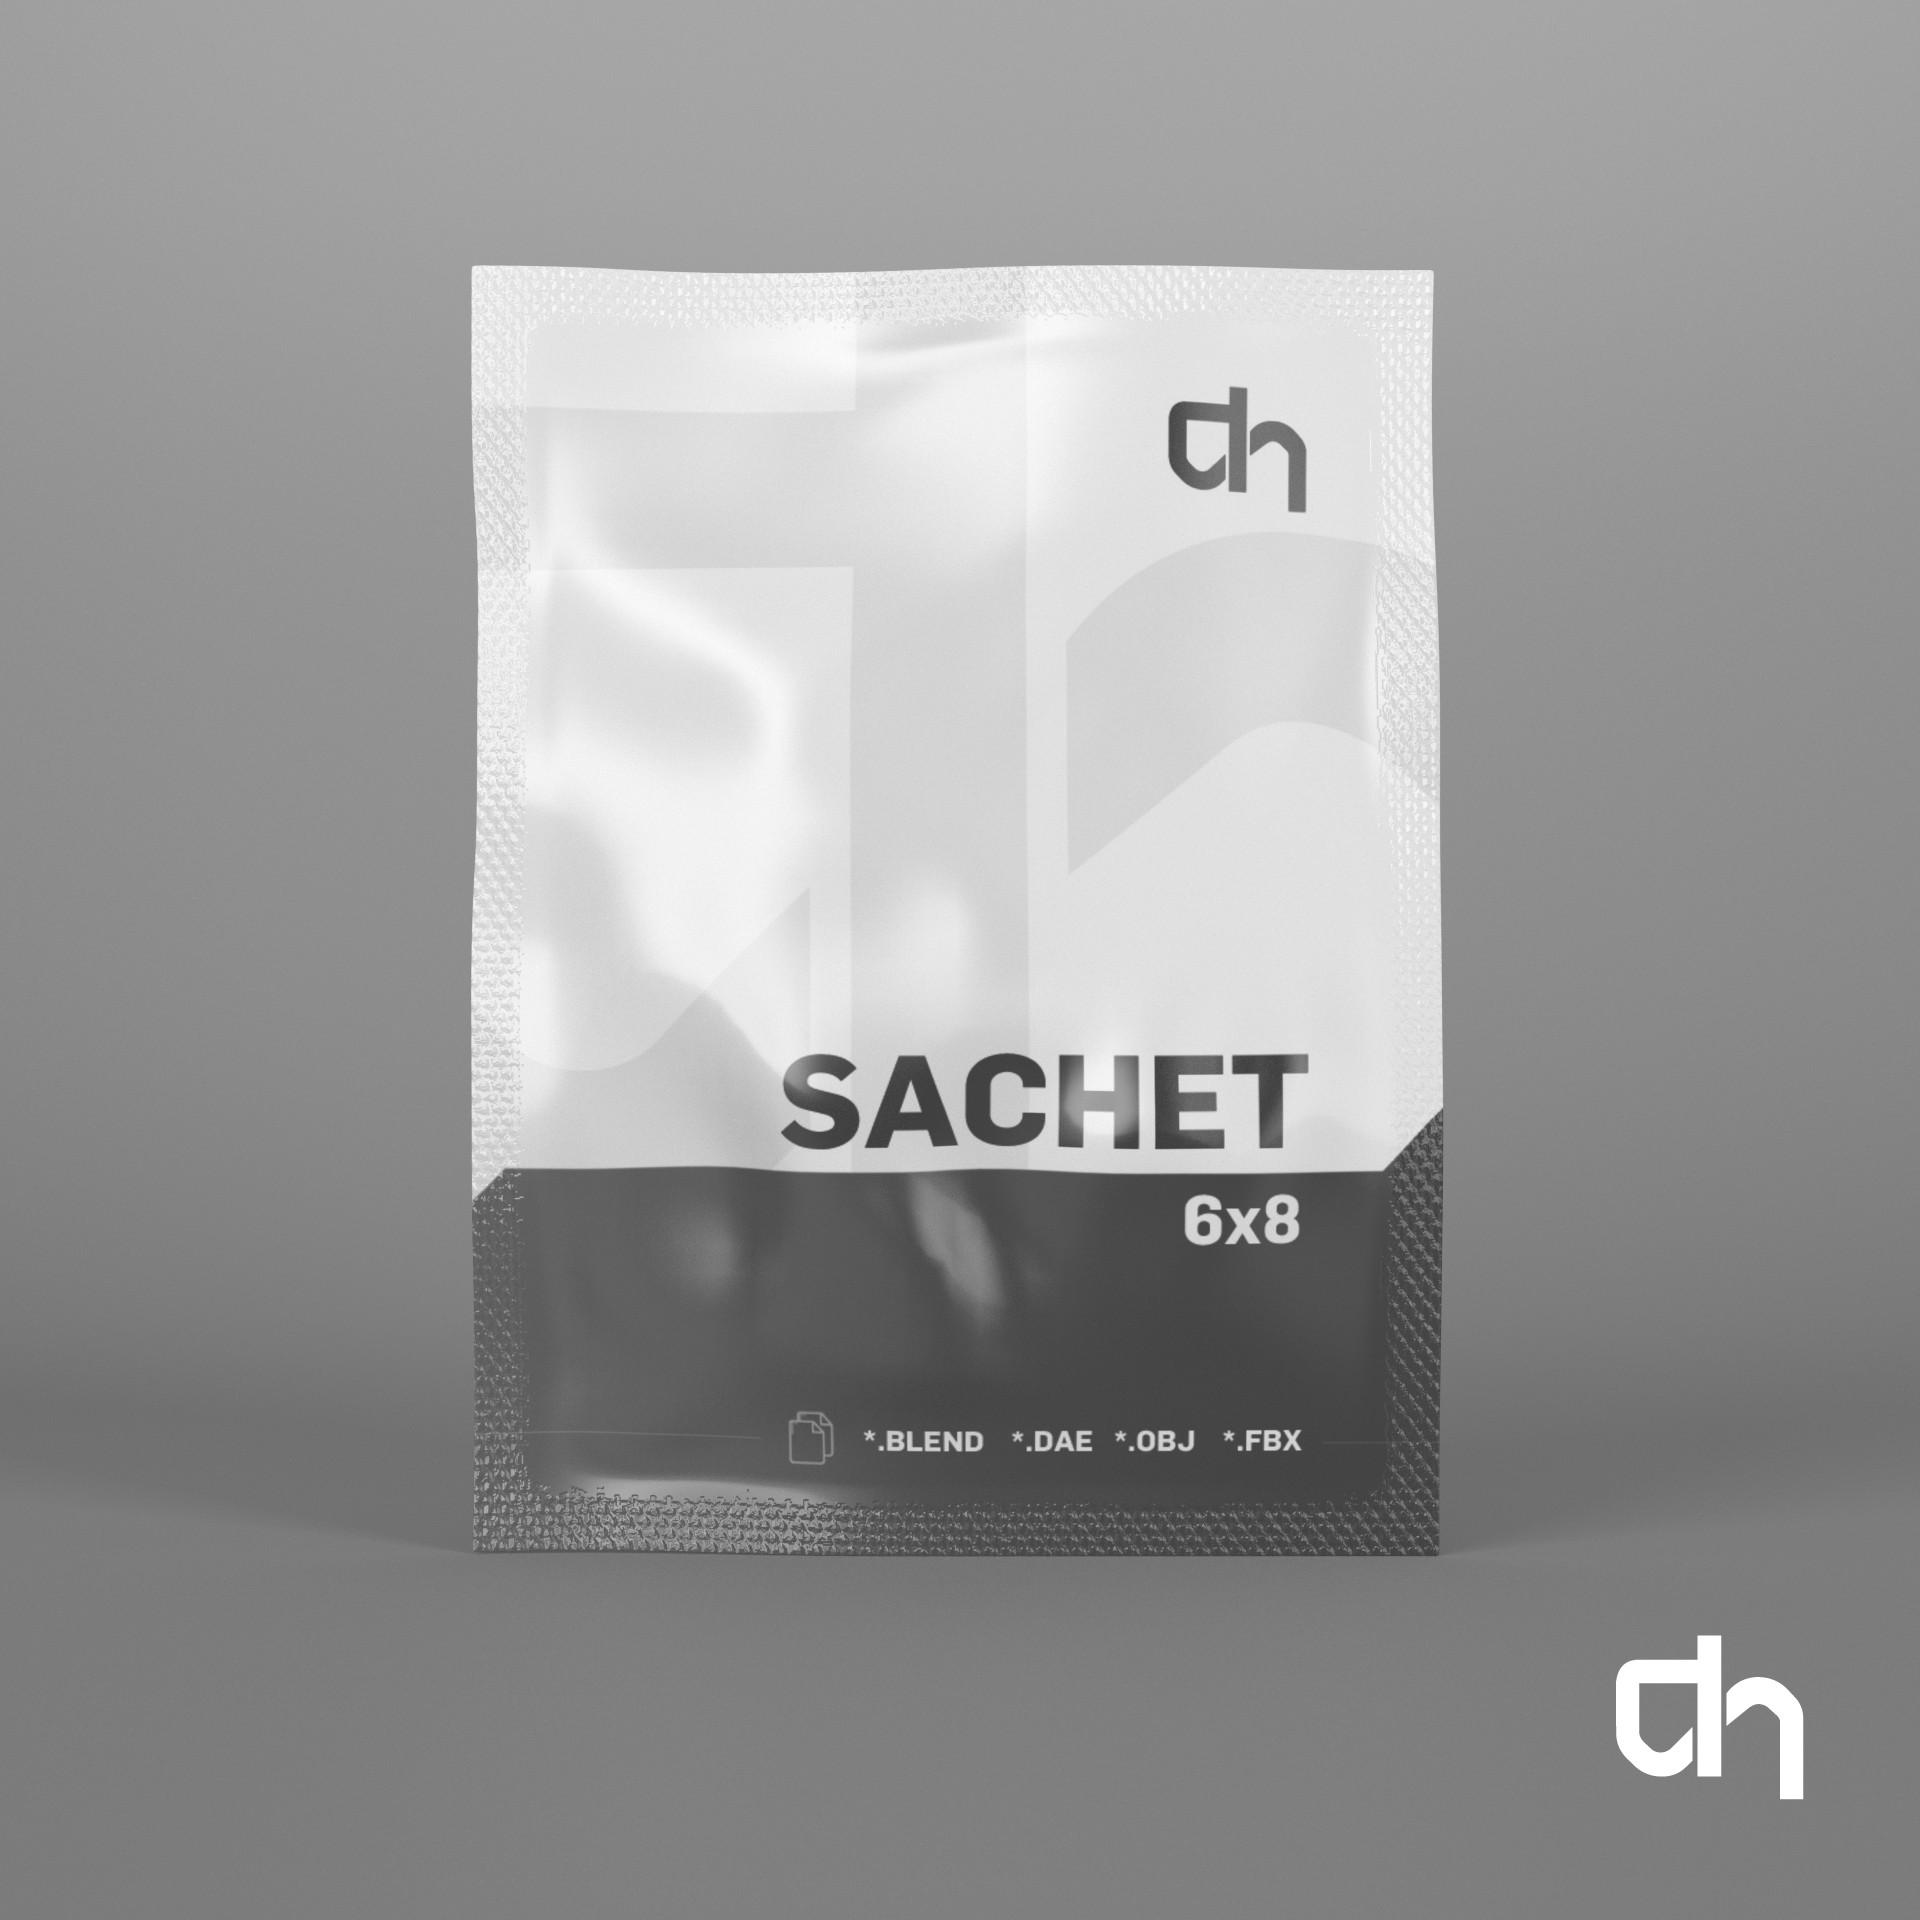 Sachet-6x8.jpg